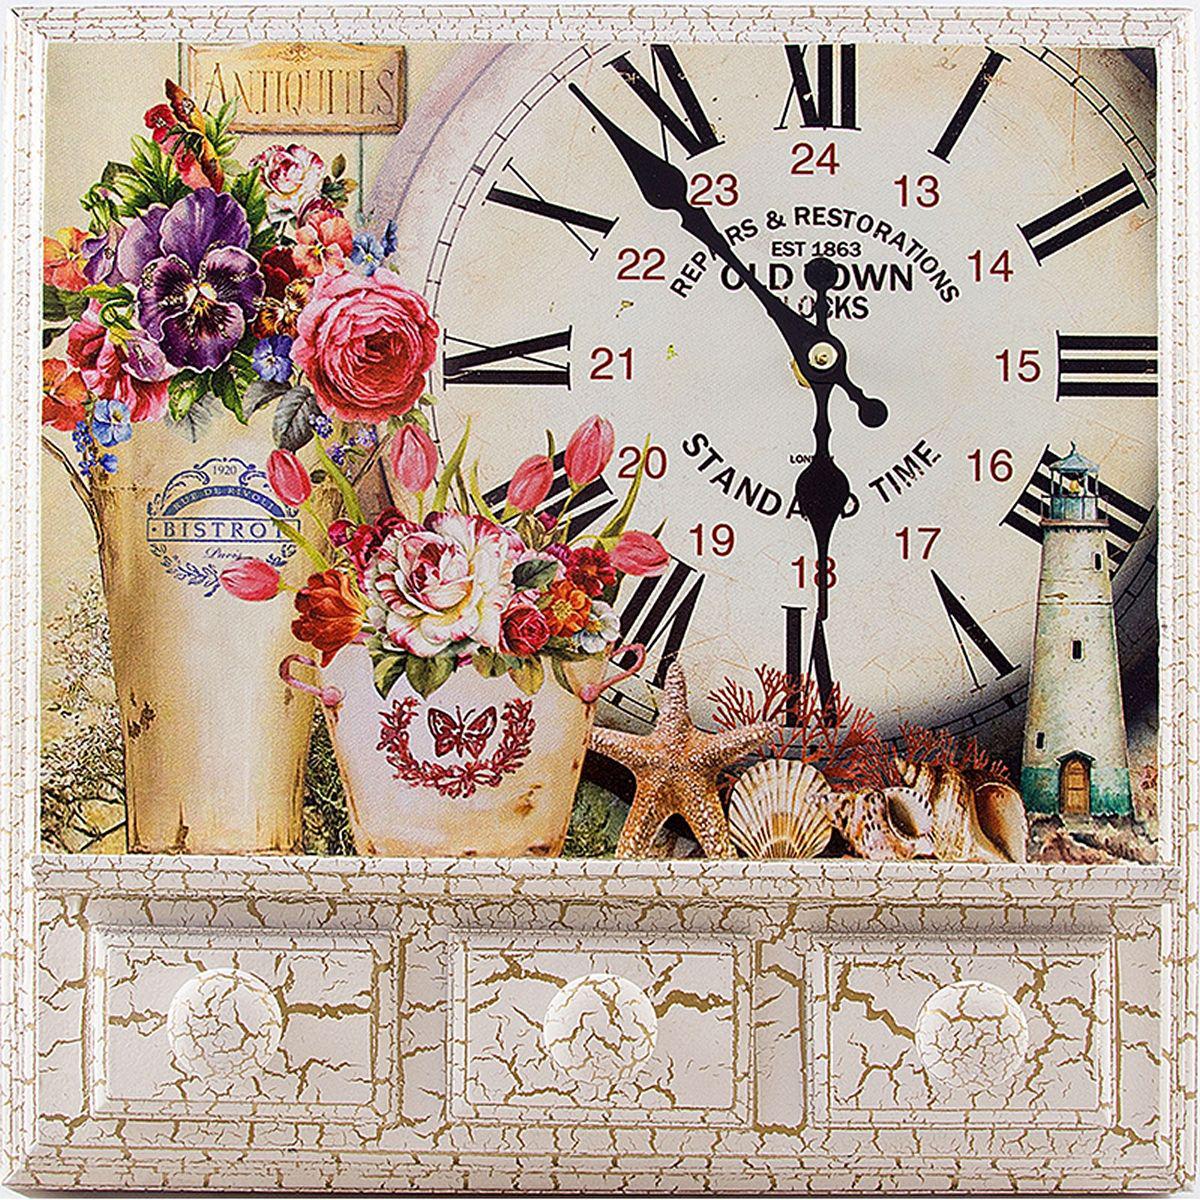 Часы настенные Русские Подарки, 32 х 8 х 32 см. 2961694672Настенные кварцевые часы Русские Подарки изготовлены из МДФ. Корпус оформлен изображением цветов, ракушек и маяка. Часы имеют две стрелки - часовую и минутную. С обратной стороны имеетсяпетелька для подвешивания на стену.Изящные часы красиво и оригинально оформят интерьер дома или офиса. Также часы могут стать уникальным, полезным подарком для родственников, коллег, знакомых и близких.Часы работают от батареек типа АА (в комплект не входят).